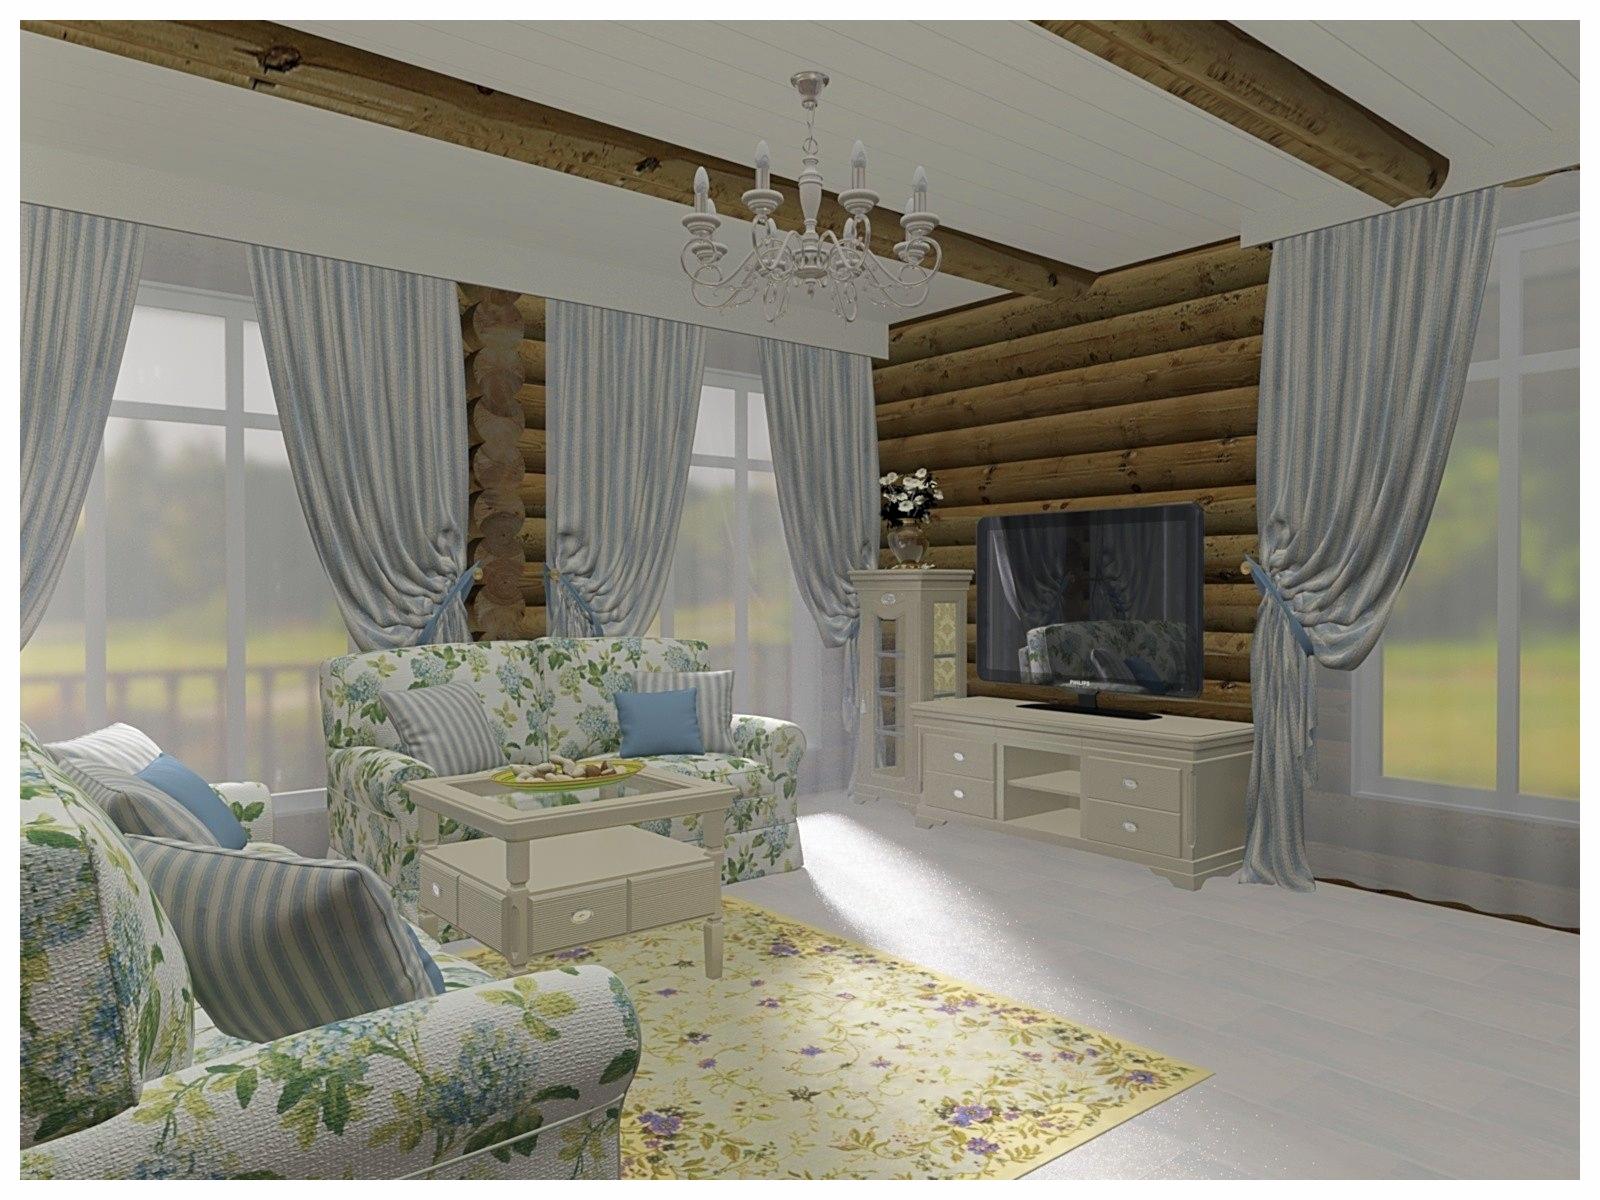 Дизайн интерьеров по договору на дизайн проект в коттедже из бревна. Зона ТВ.